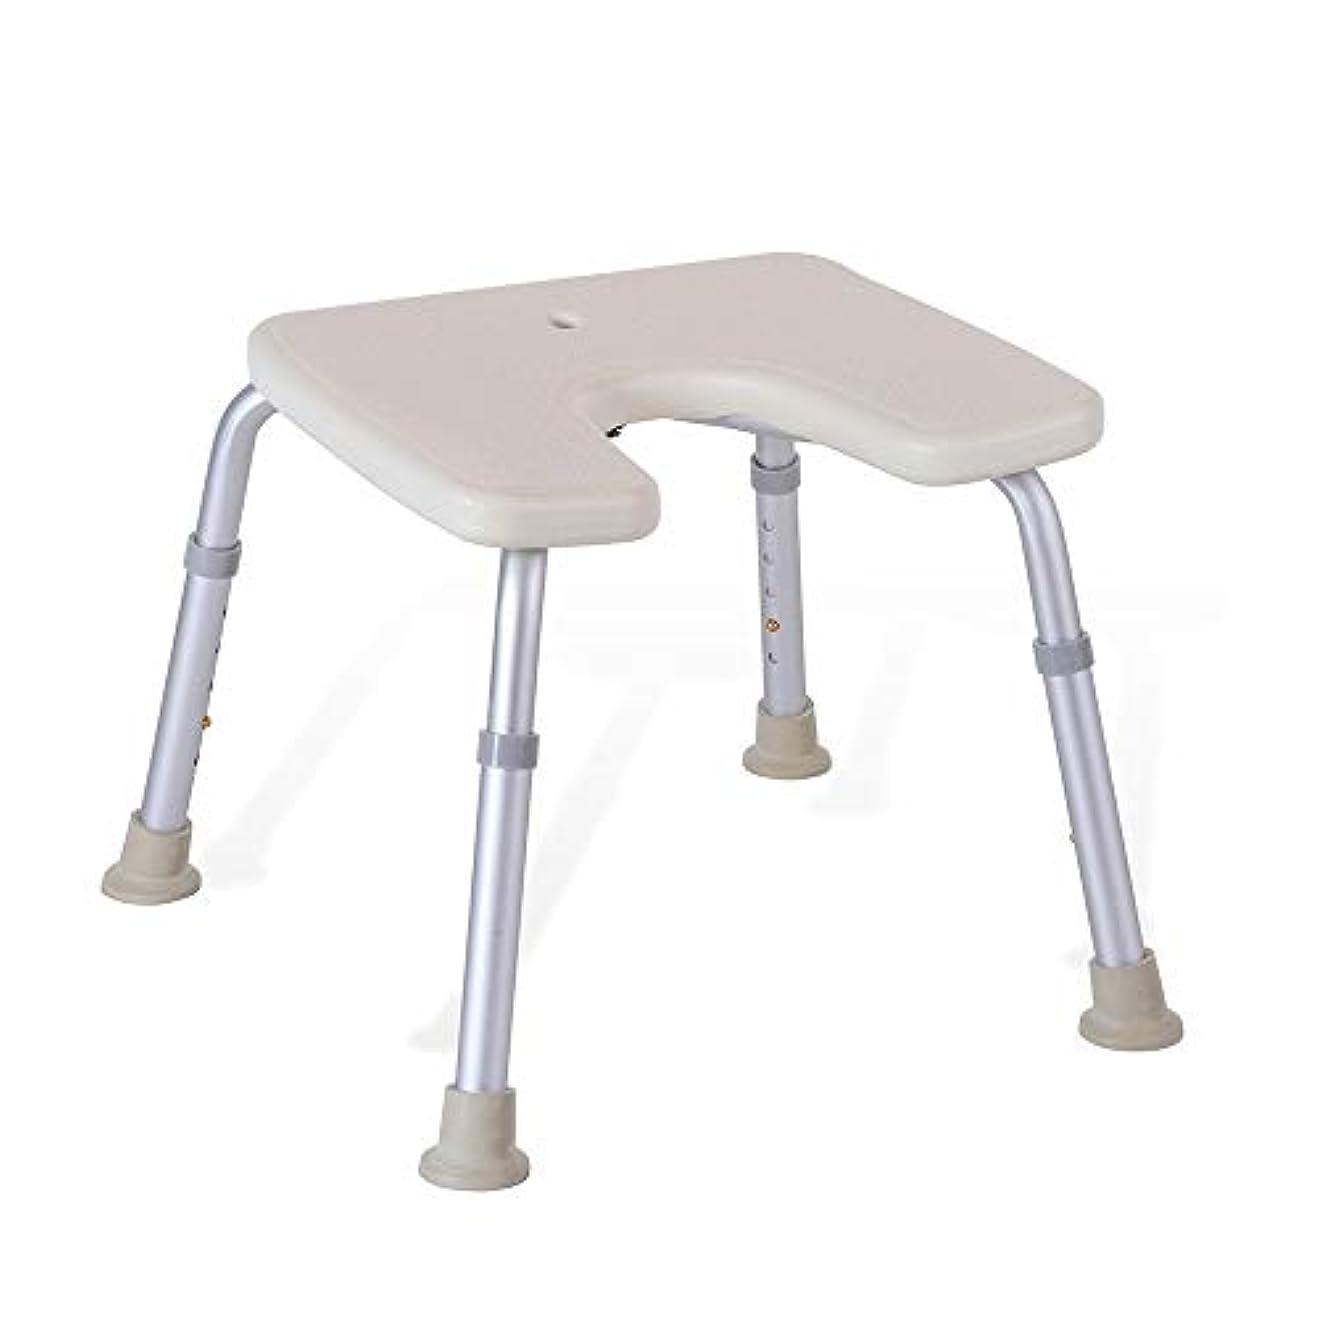 商品バングラデシュ衝突コース調節可能なU字型の高齢者用浴槽シート、バスチェア、保護パッド付きパッド、シャワースツール